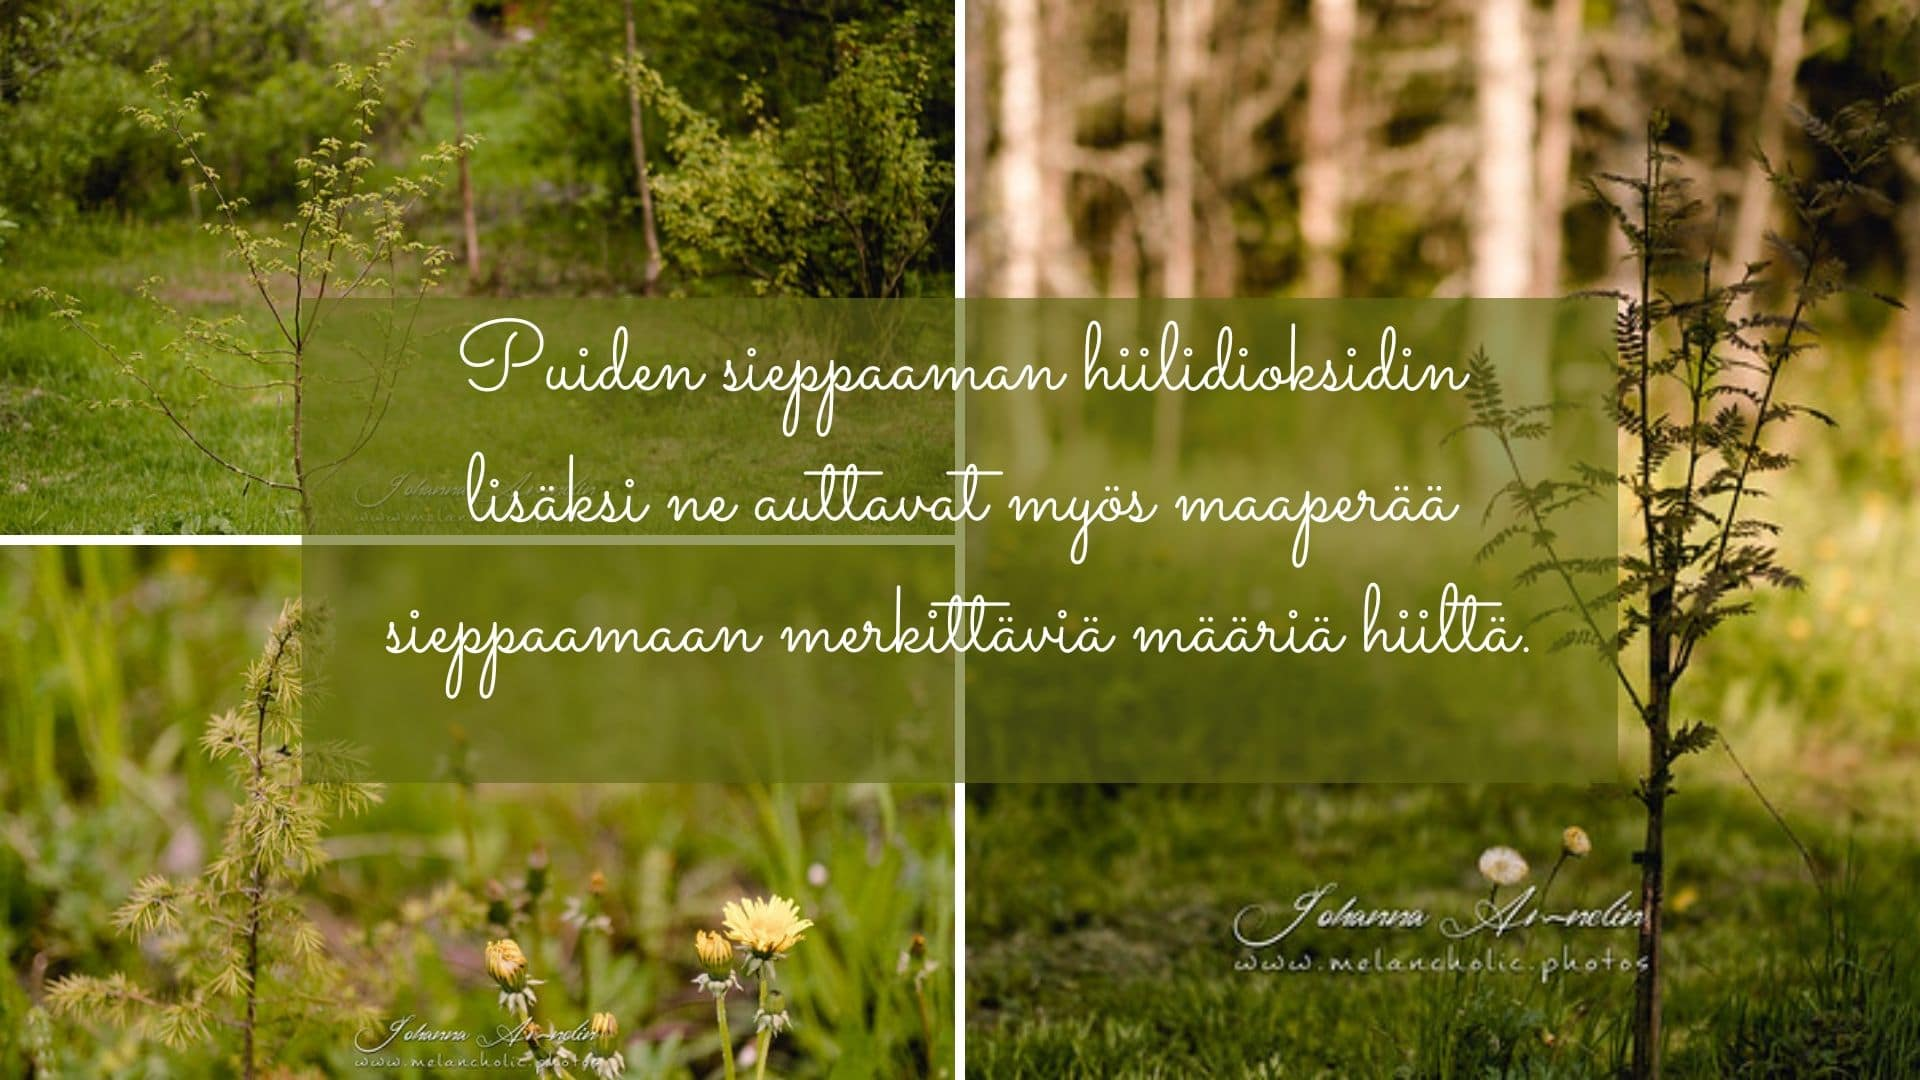 Puiden sieppaaman hiilidioksidin lisäksi ne auttavat myös maaperää sieppaamaan merkittäviä määriä hiiltä.